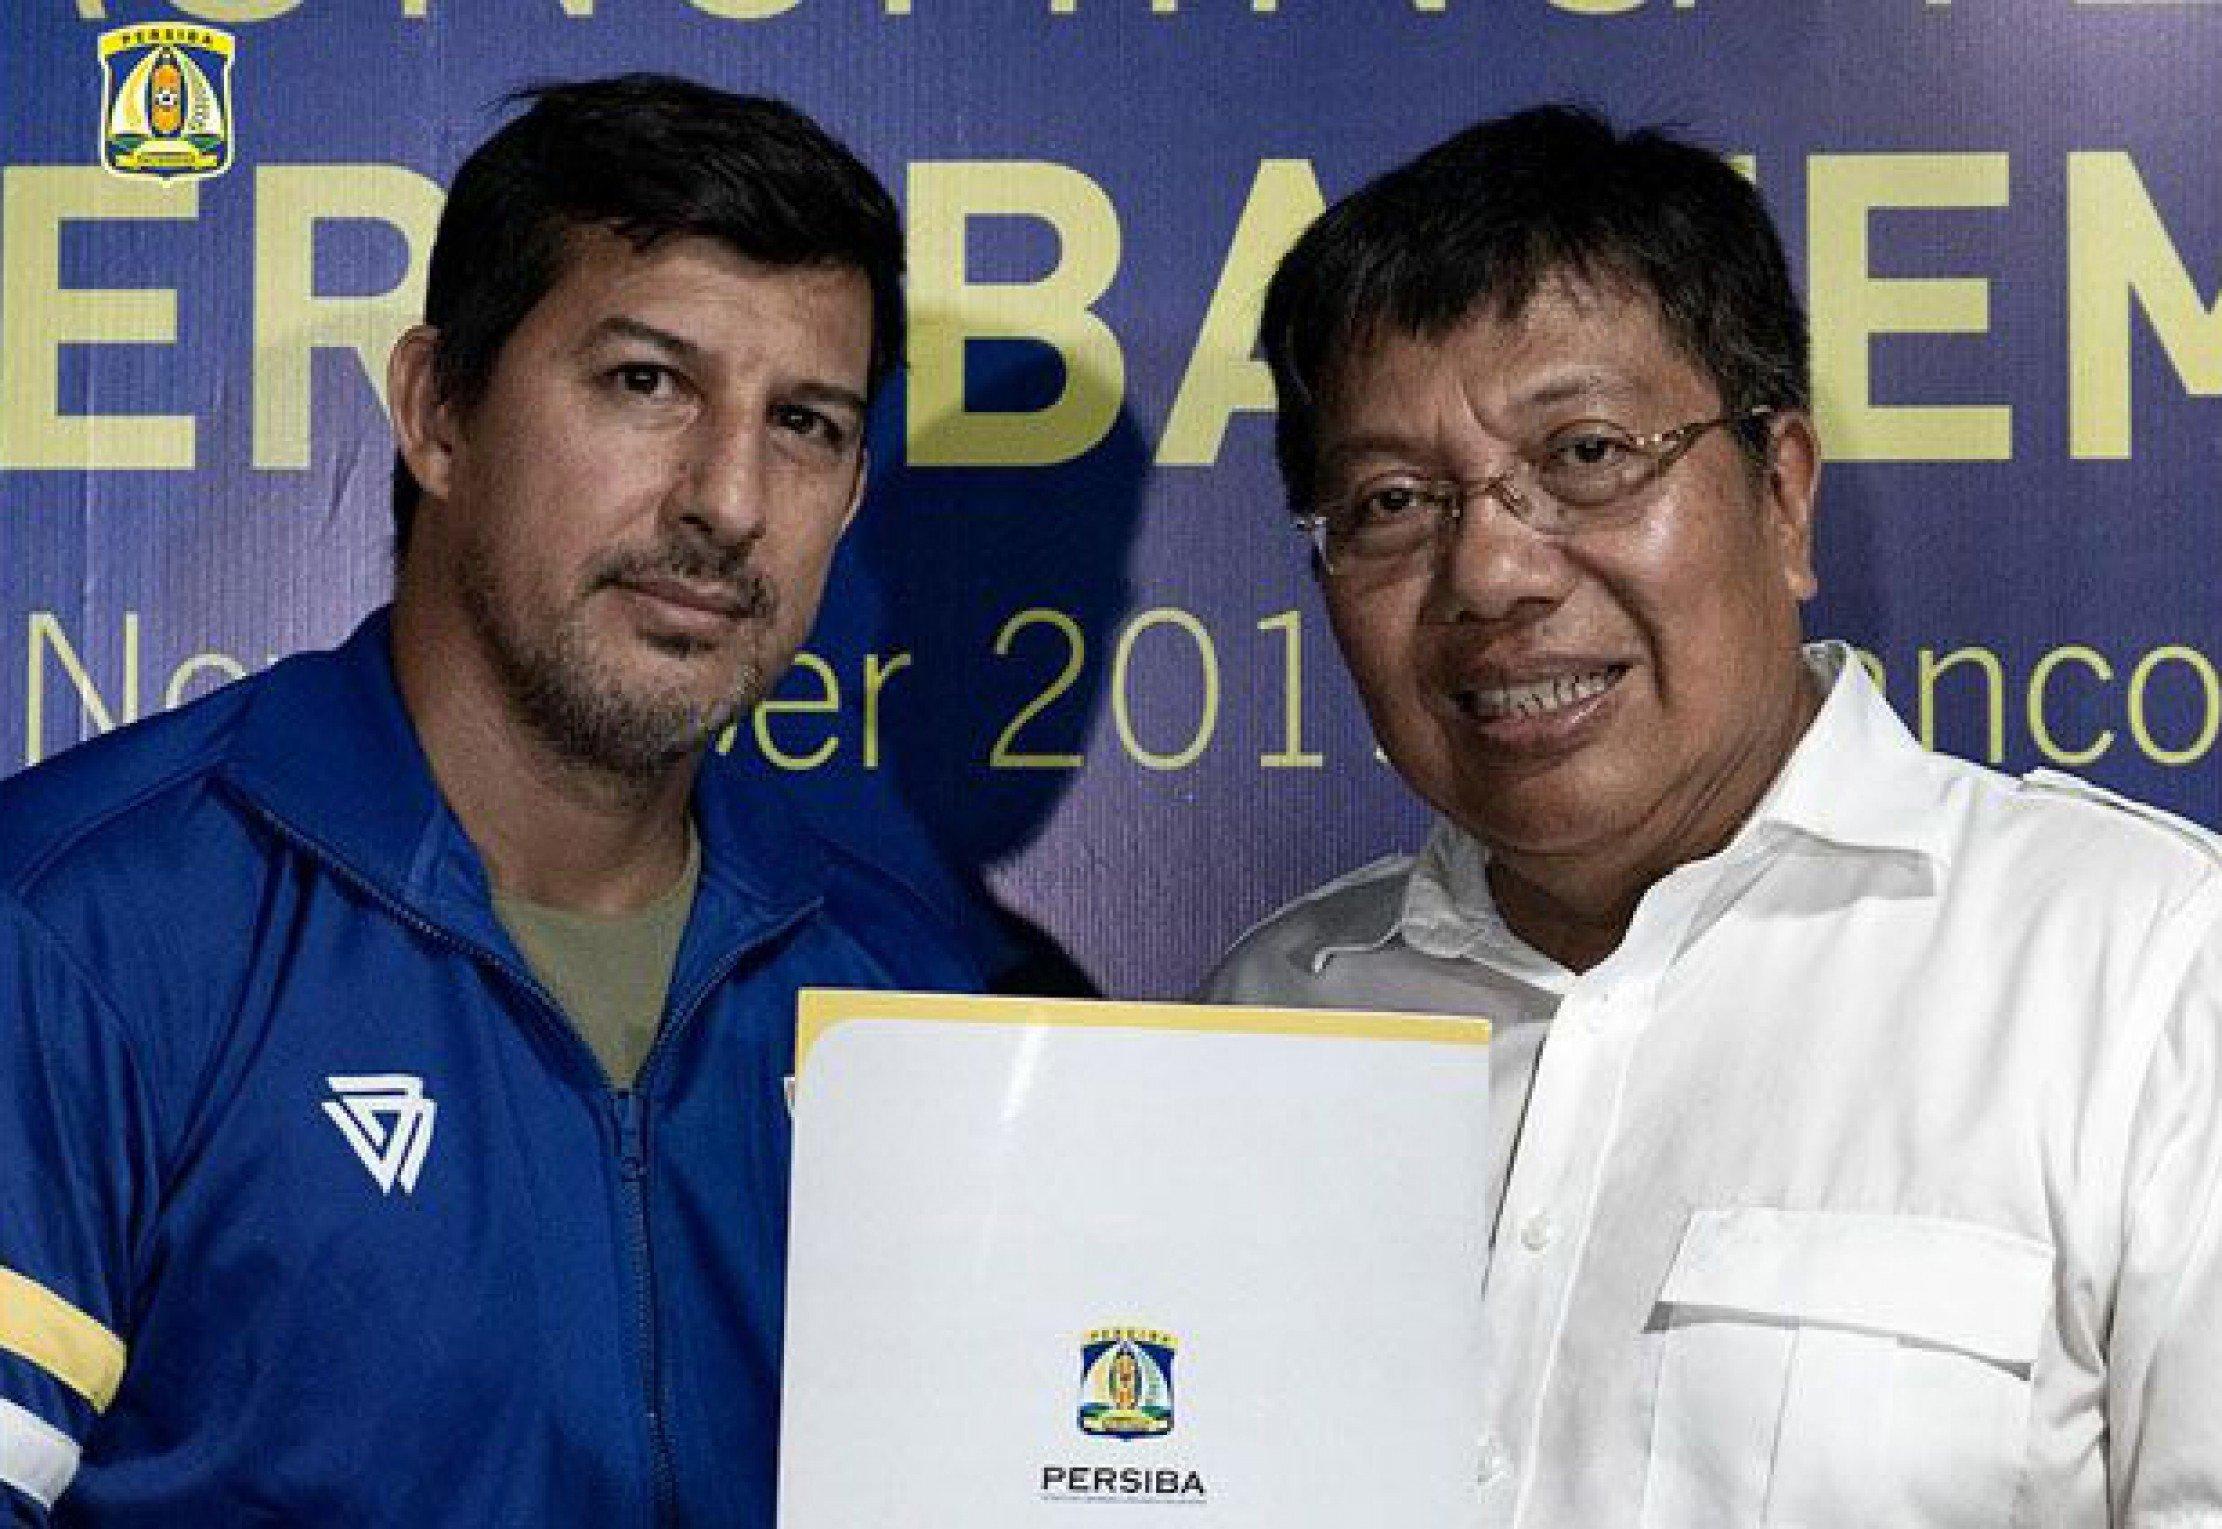 Alfredo Vera Resmi Jadi Pelatih Persiba Balikpapan